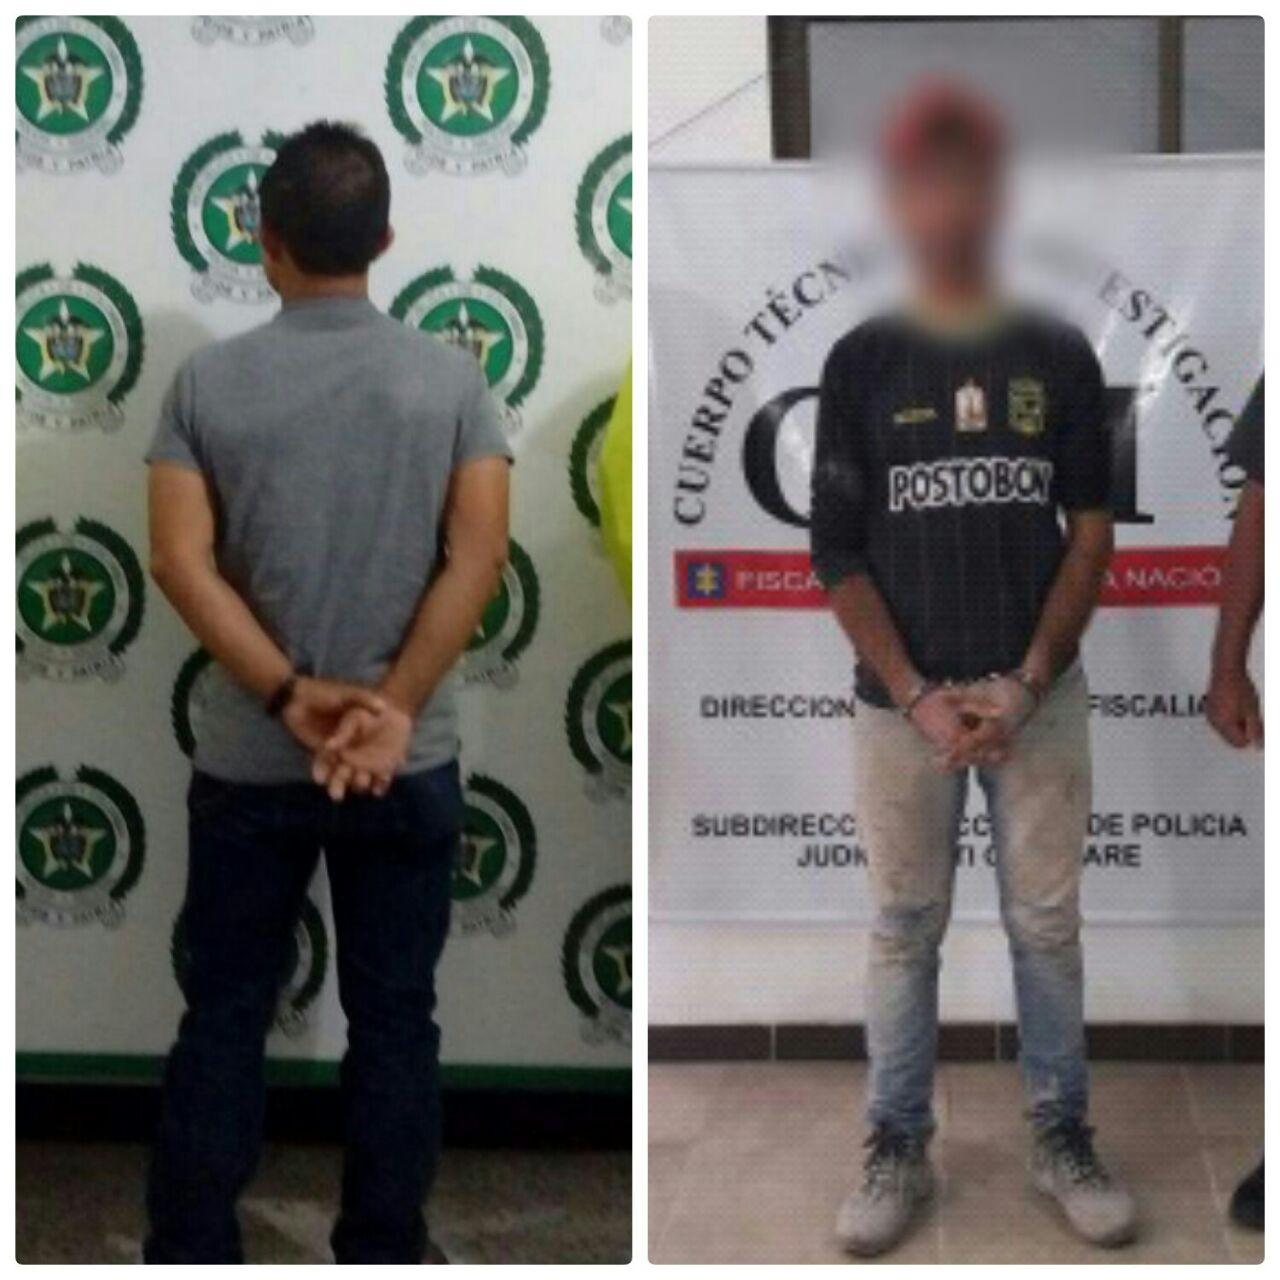 Policía en coordinación con la Fiscalía capturaron a doce personas por abuso sexual a menores